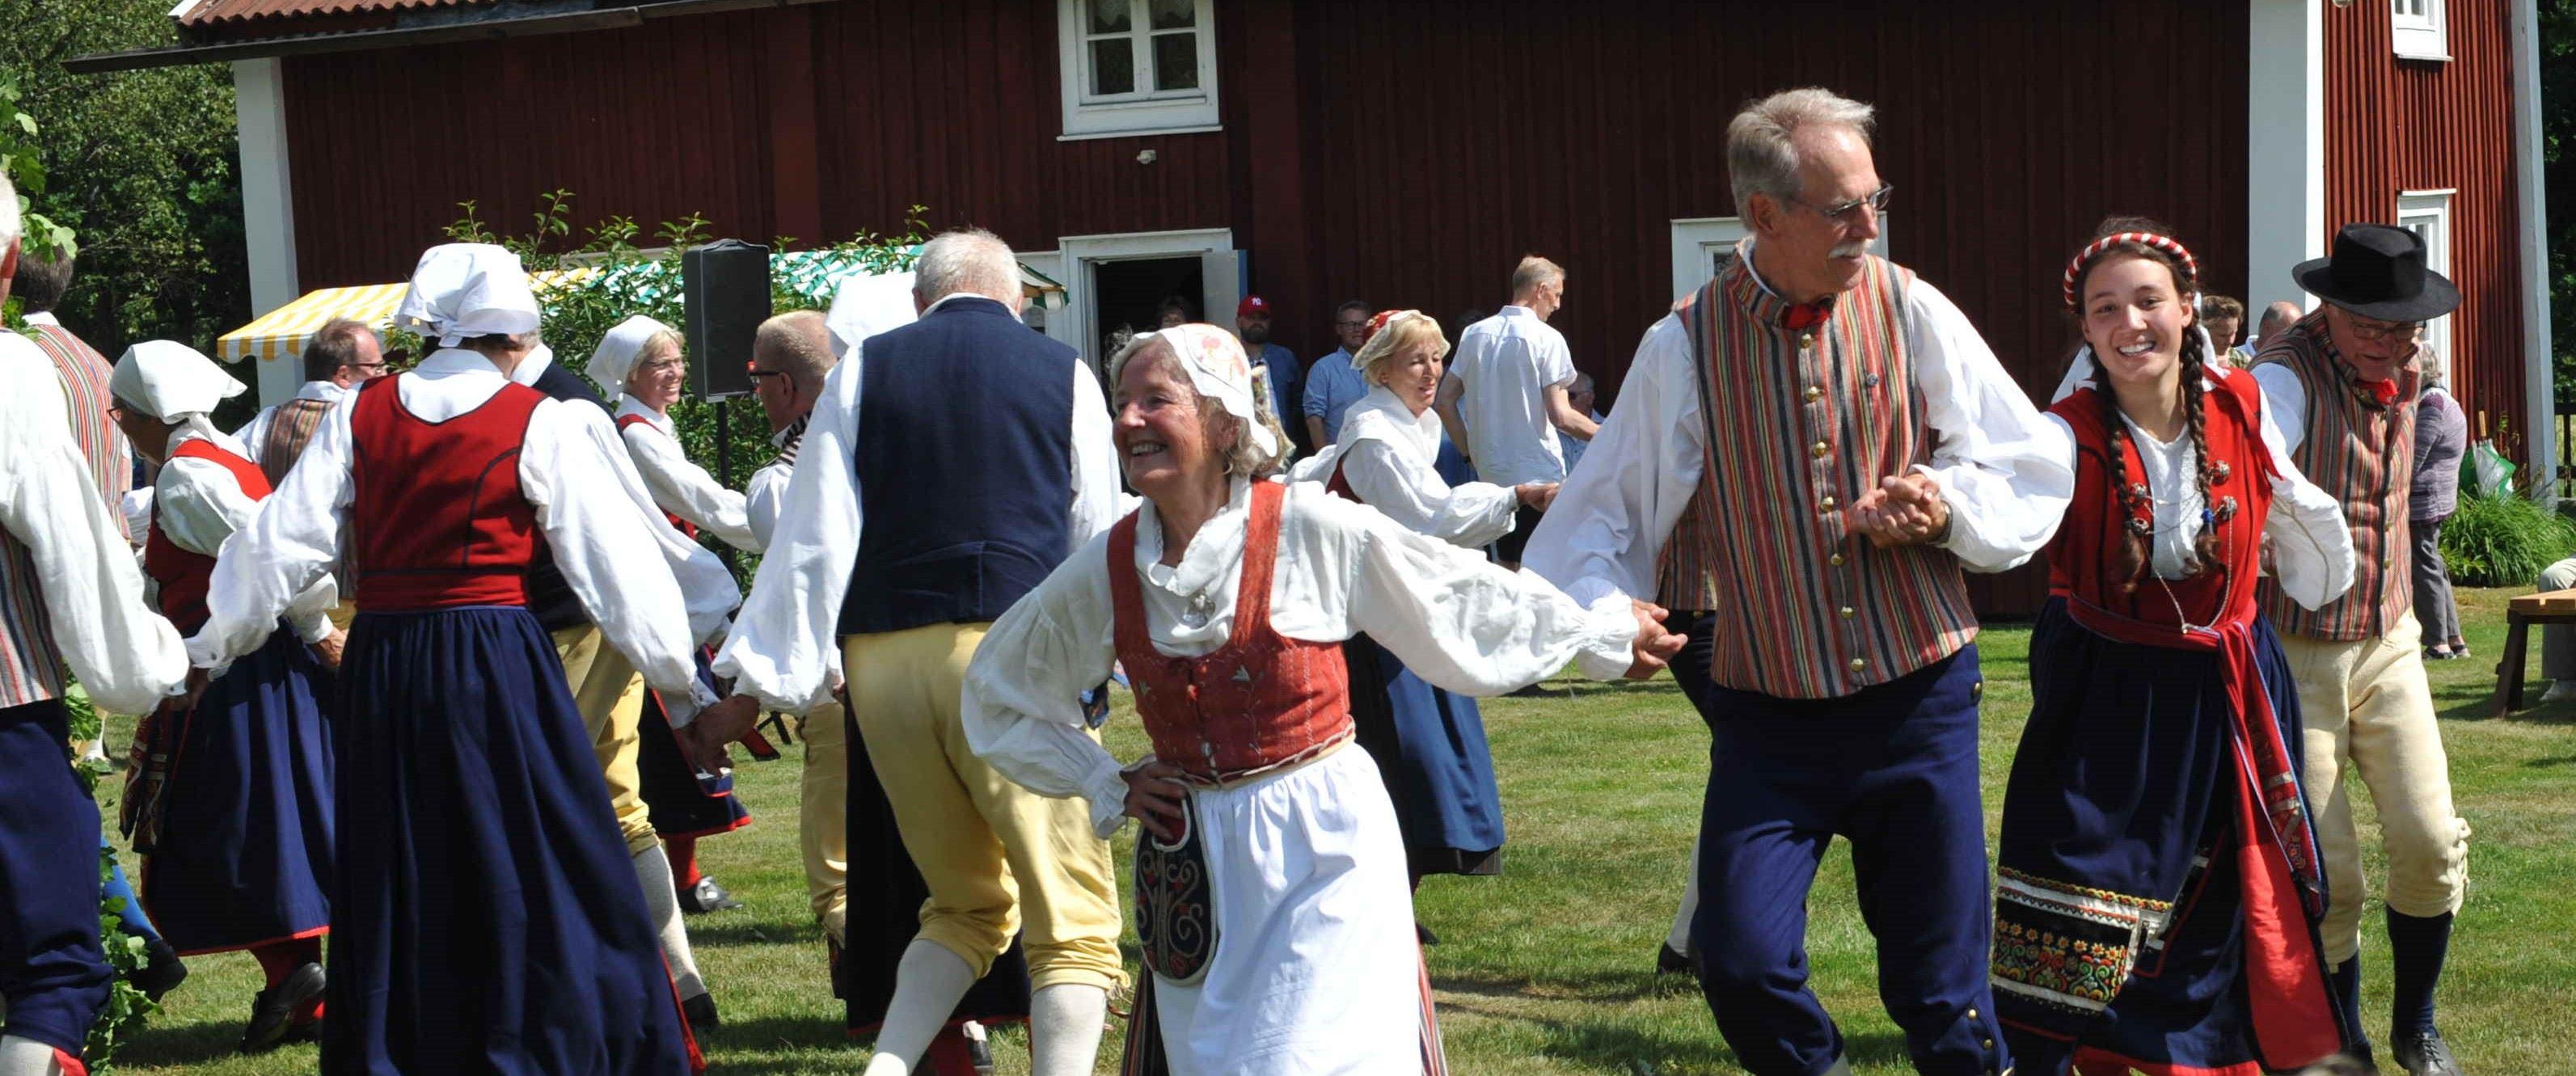 Prova på folkdans